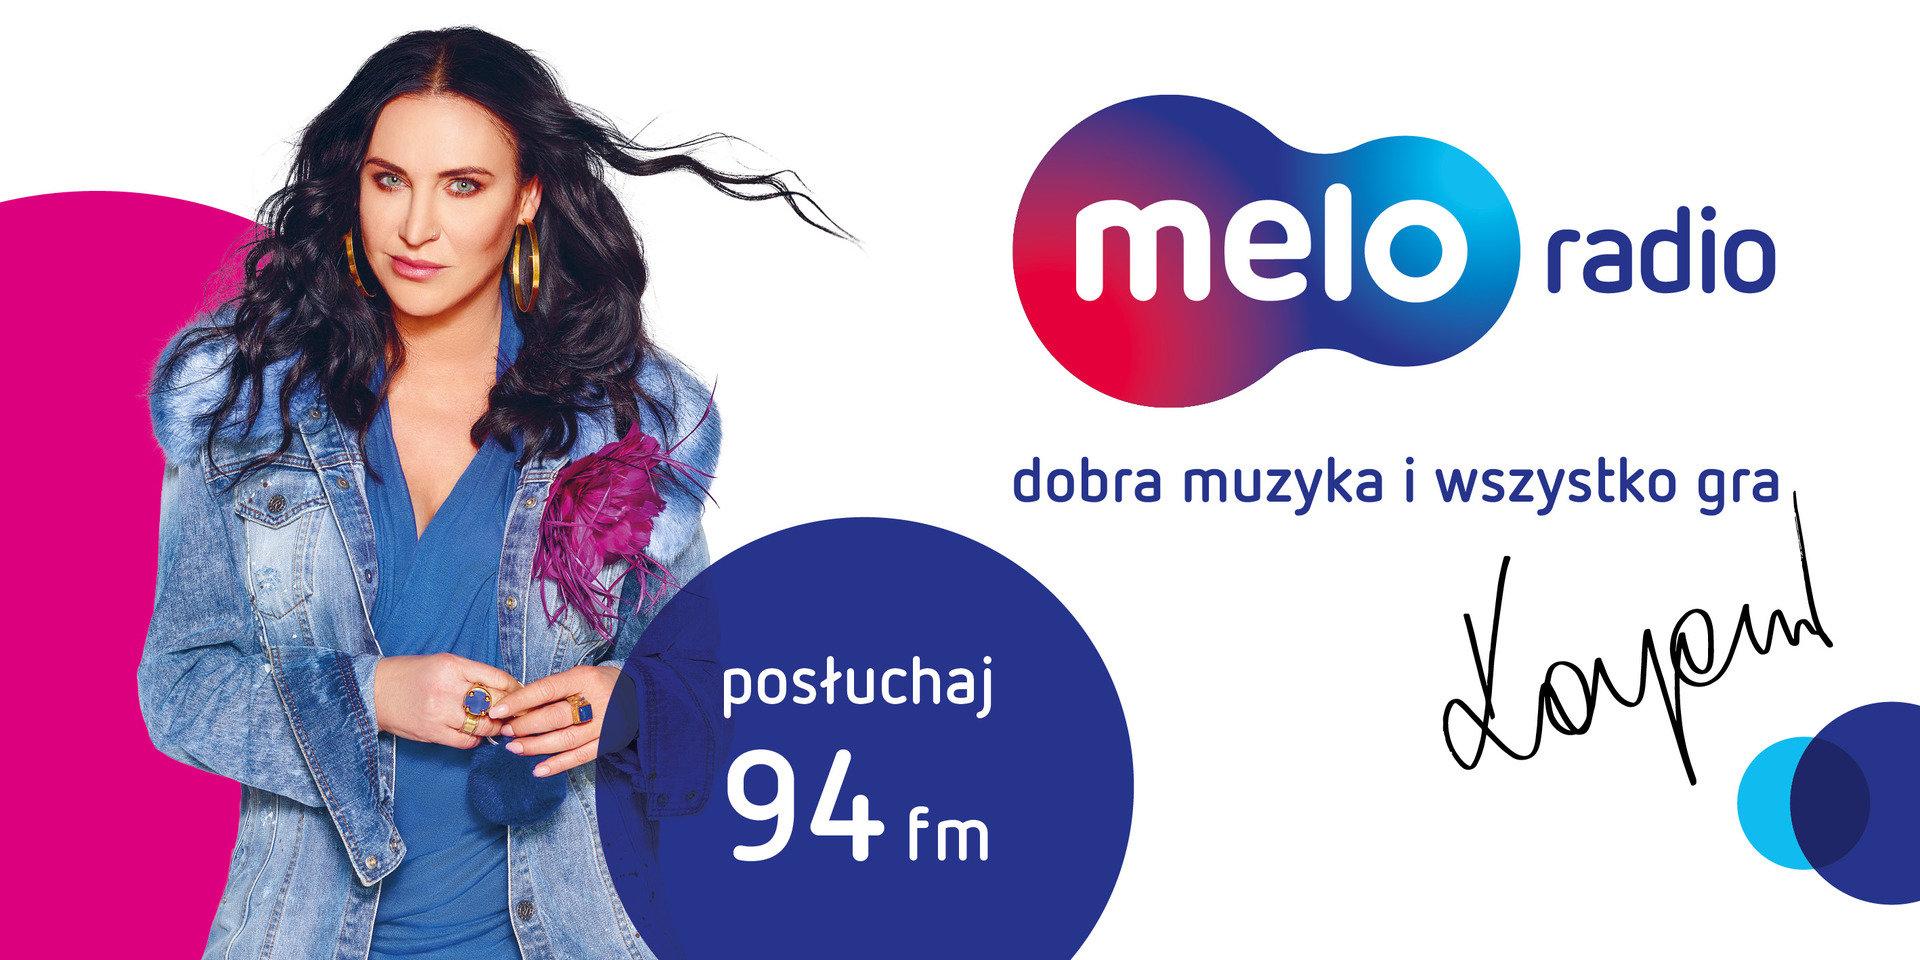 Druga odsłona kampanii Meloradia